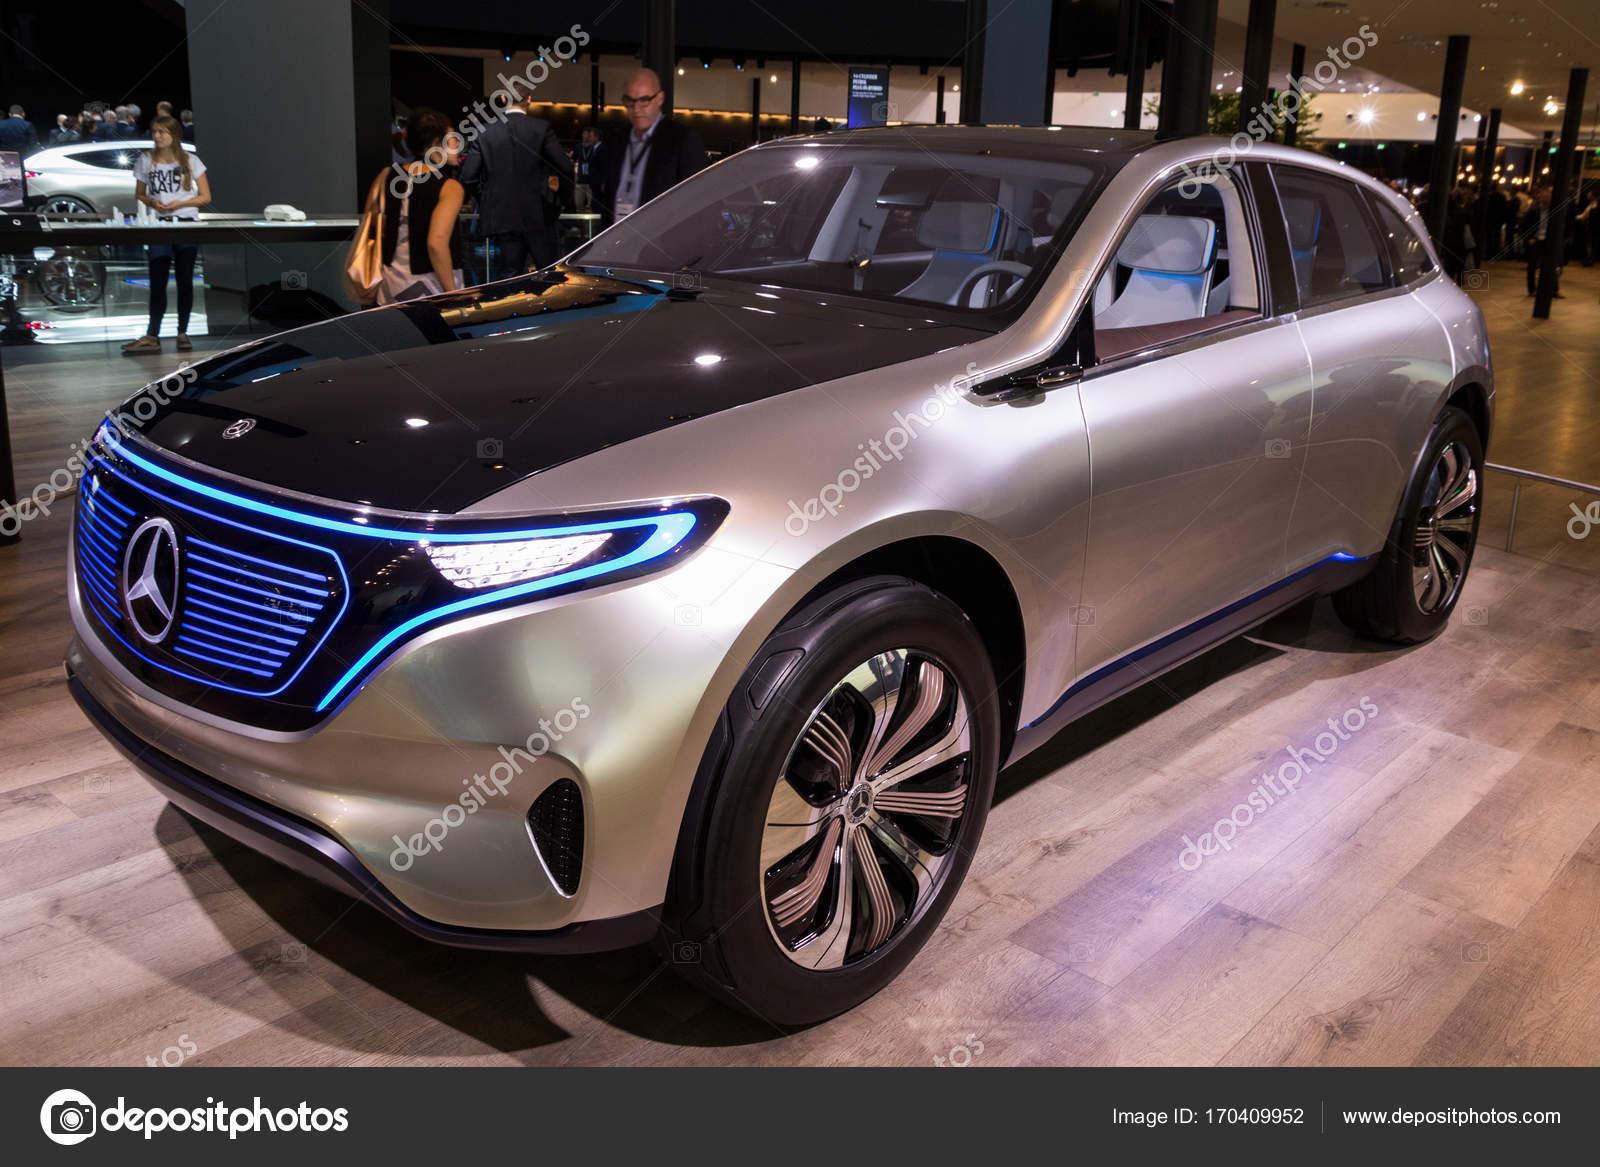 Mercedes benz eq concept electric suv car stock for Mercedes benz concept electric car